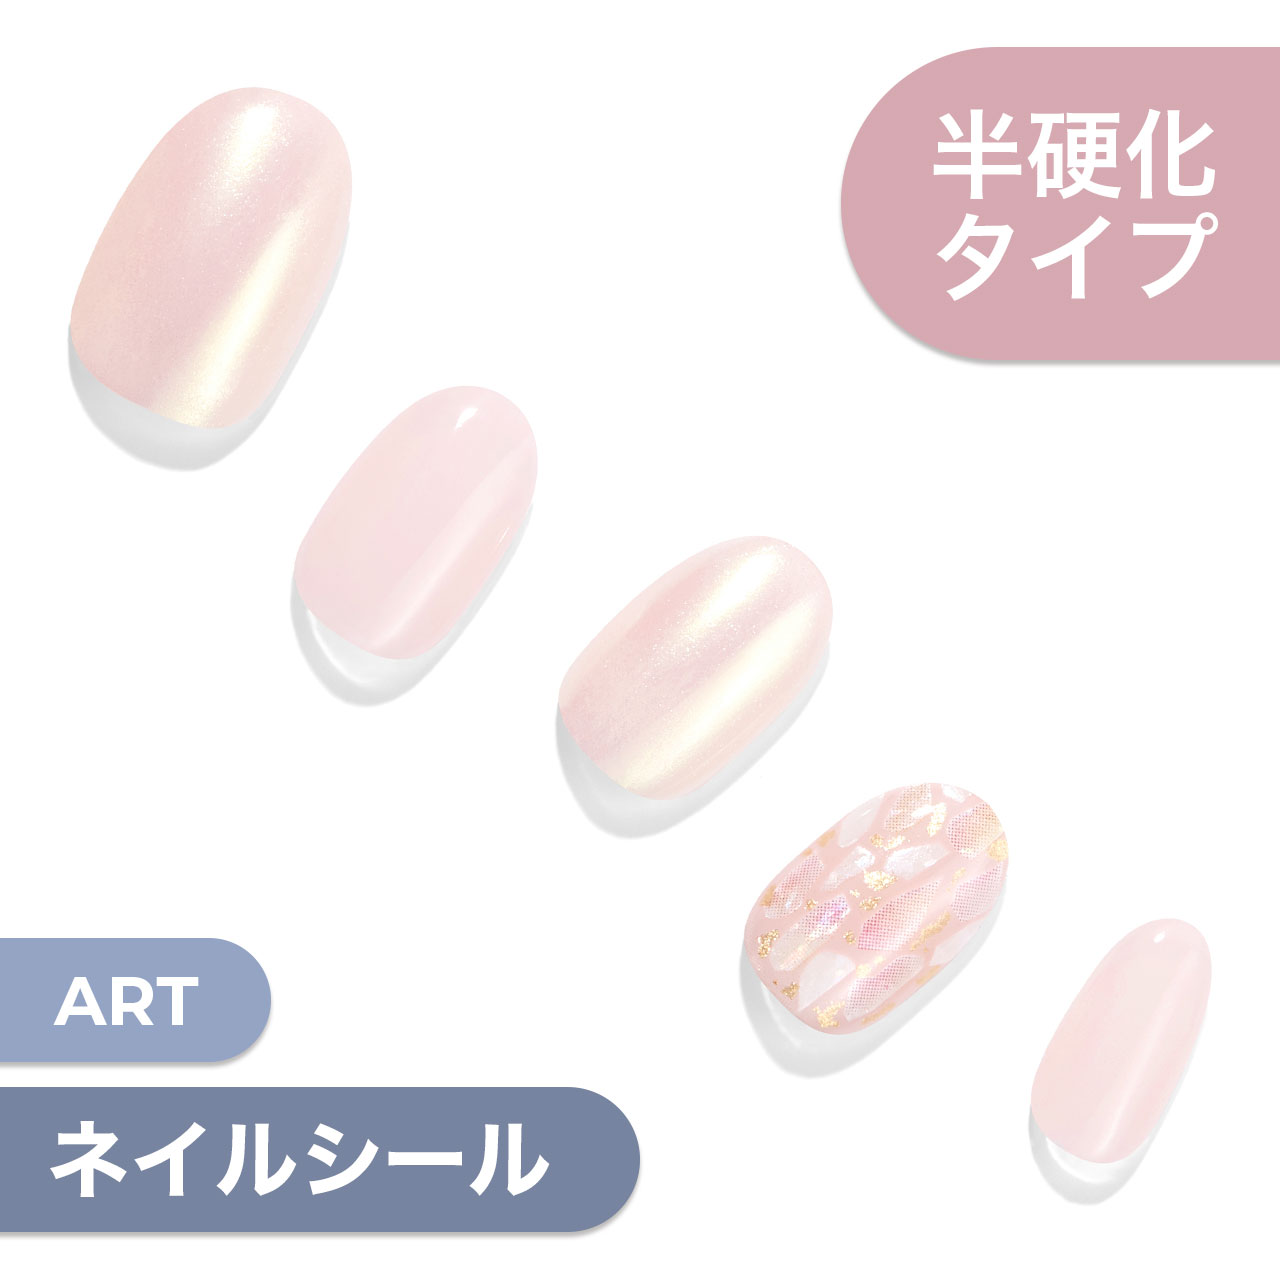 【Pink Wave】ダッシングディバグレーズ